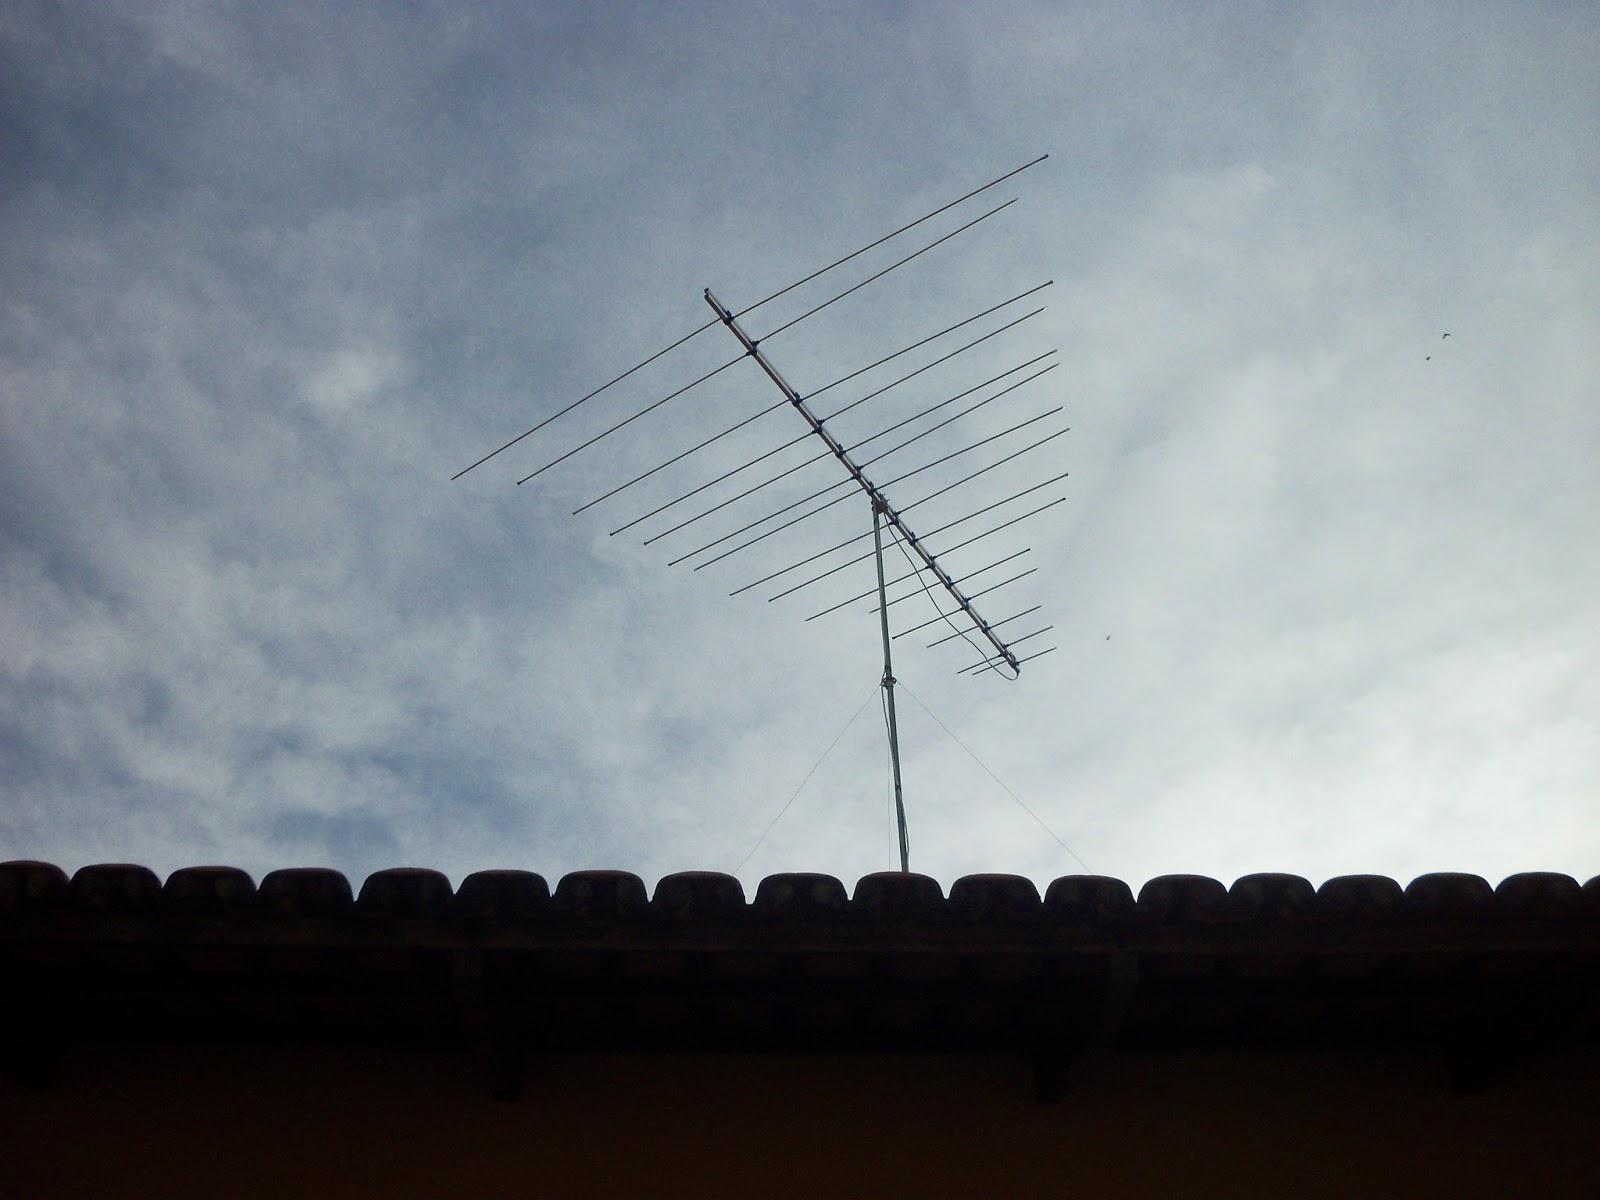 Sobre tv digital e antenas meu t dio dicas resenhas e - Antenas de television ...